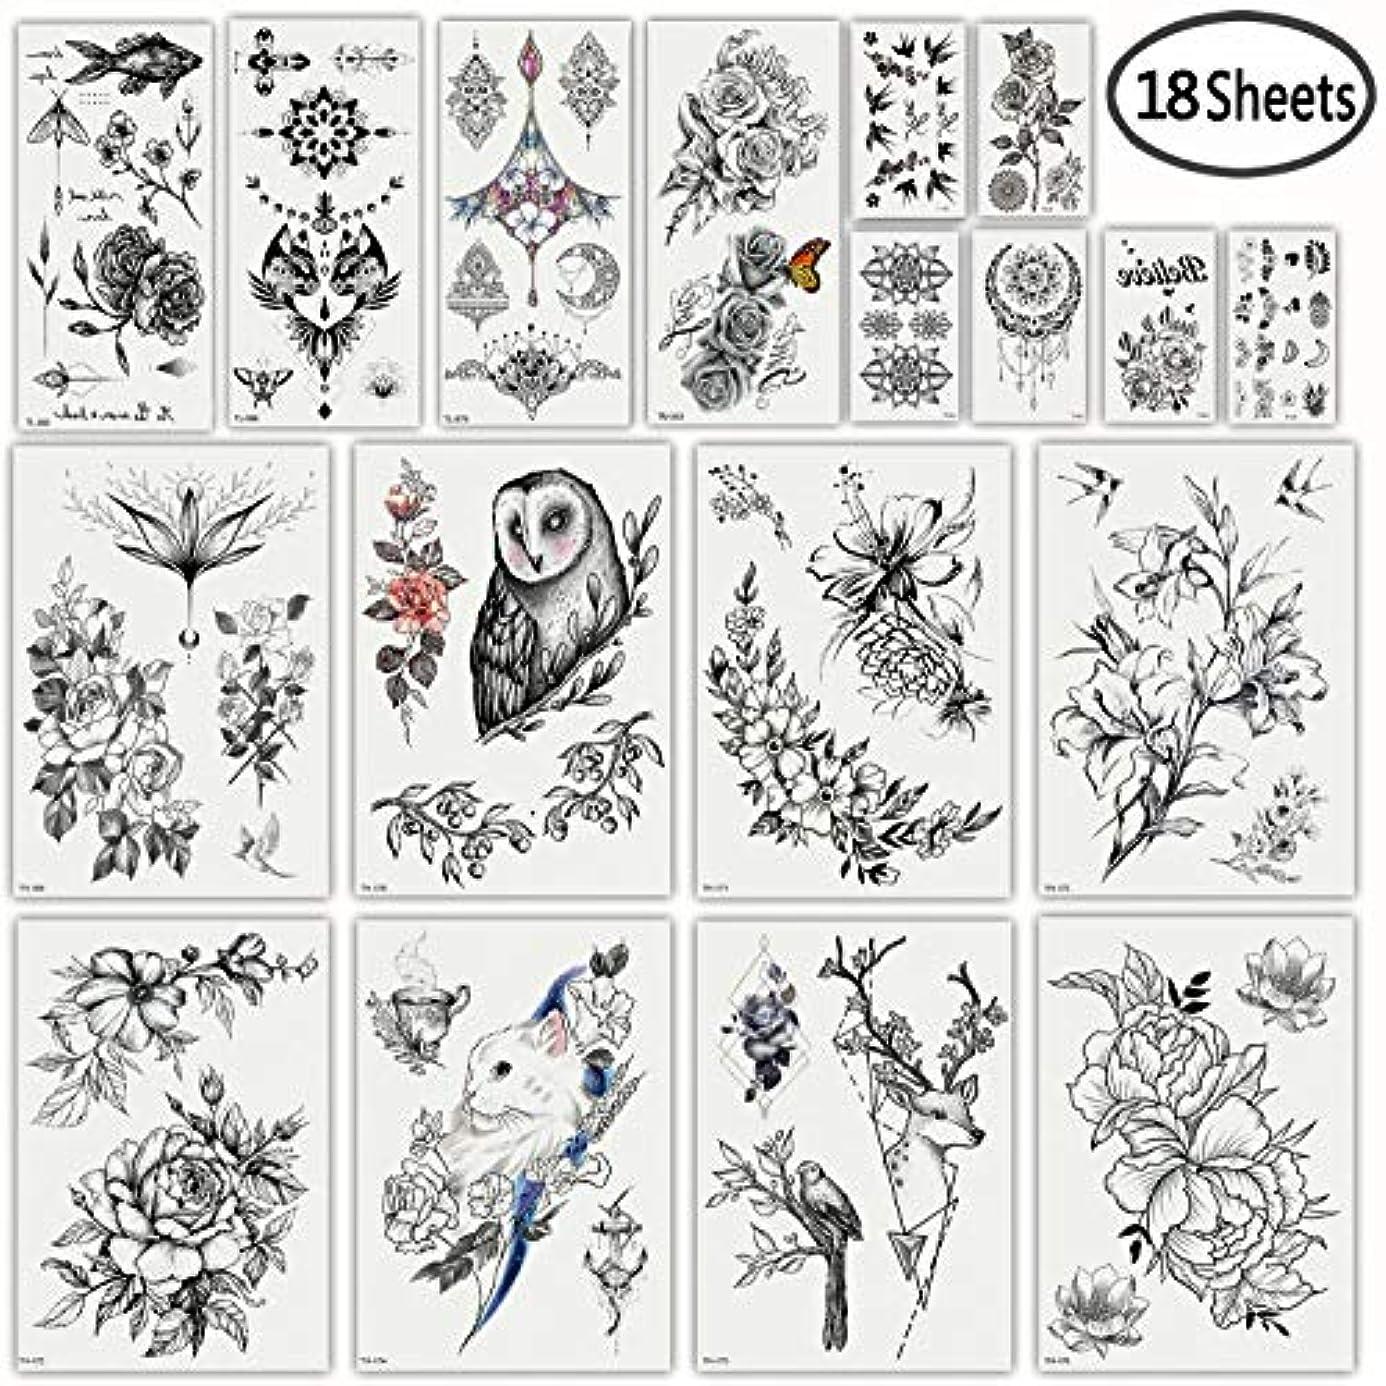 DaLinフェイクタトゥー18枚男性用女性用黒い花